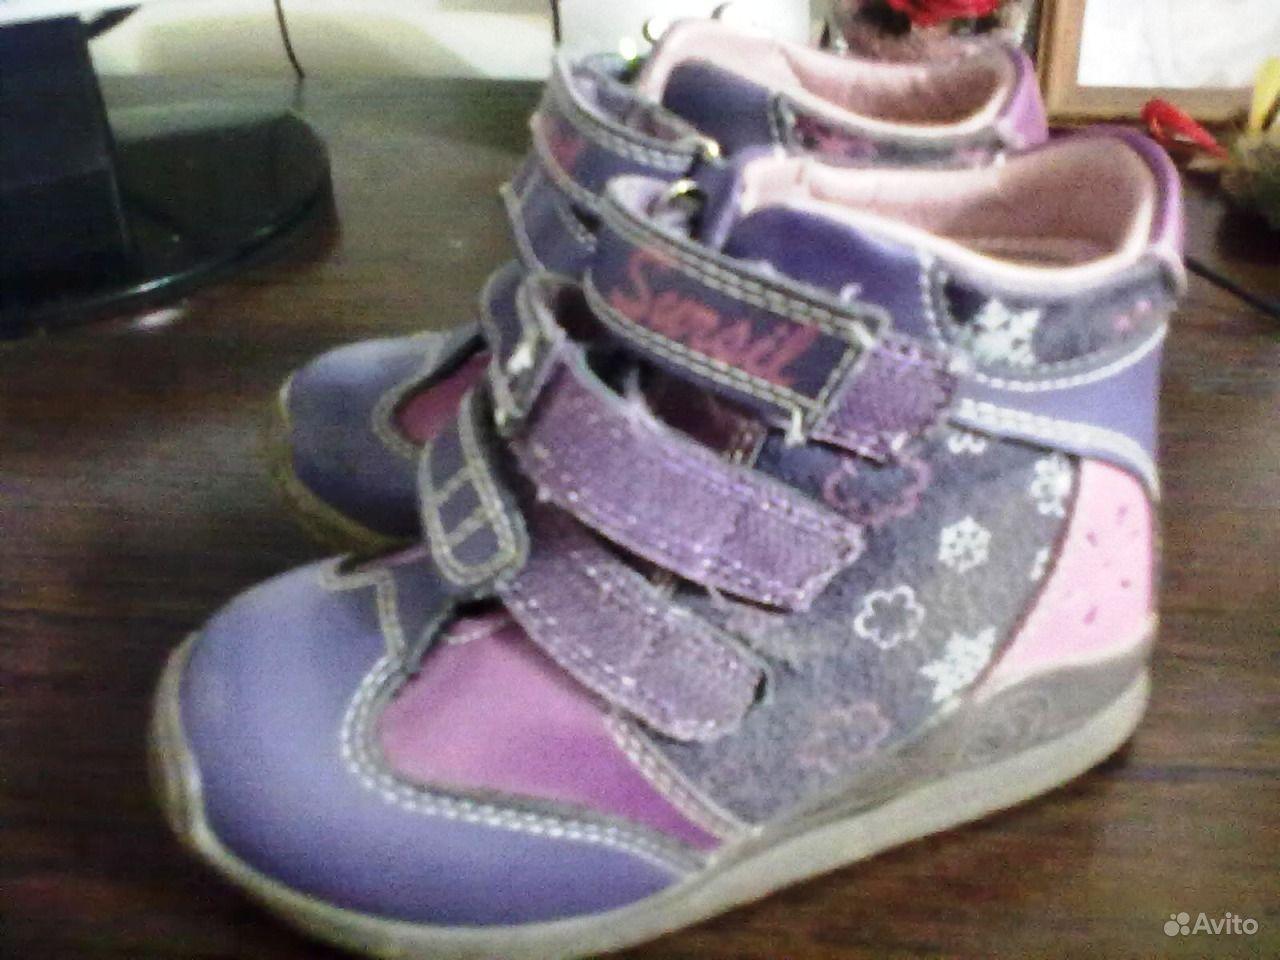 66d09d007 Шикарные туфли на каблуке купила двое мокасин